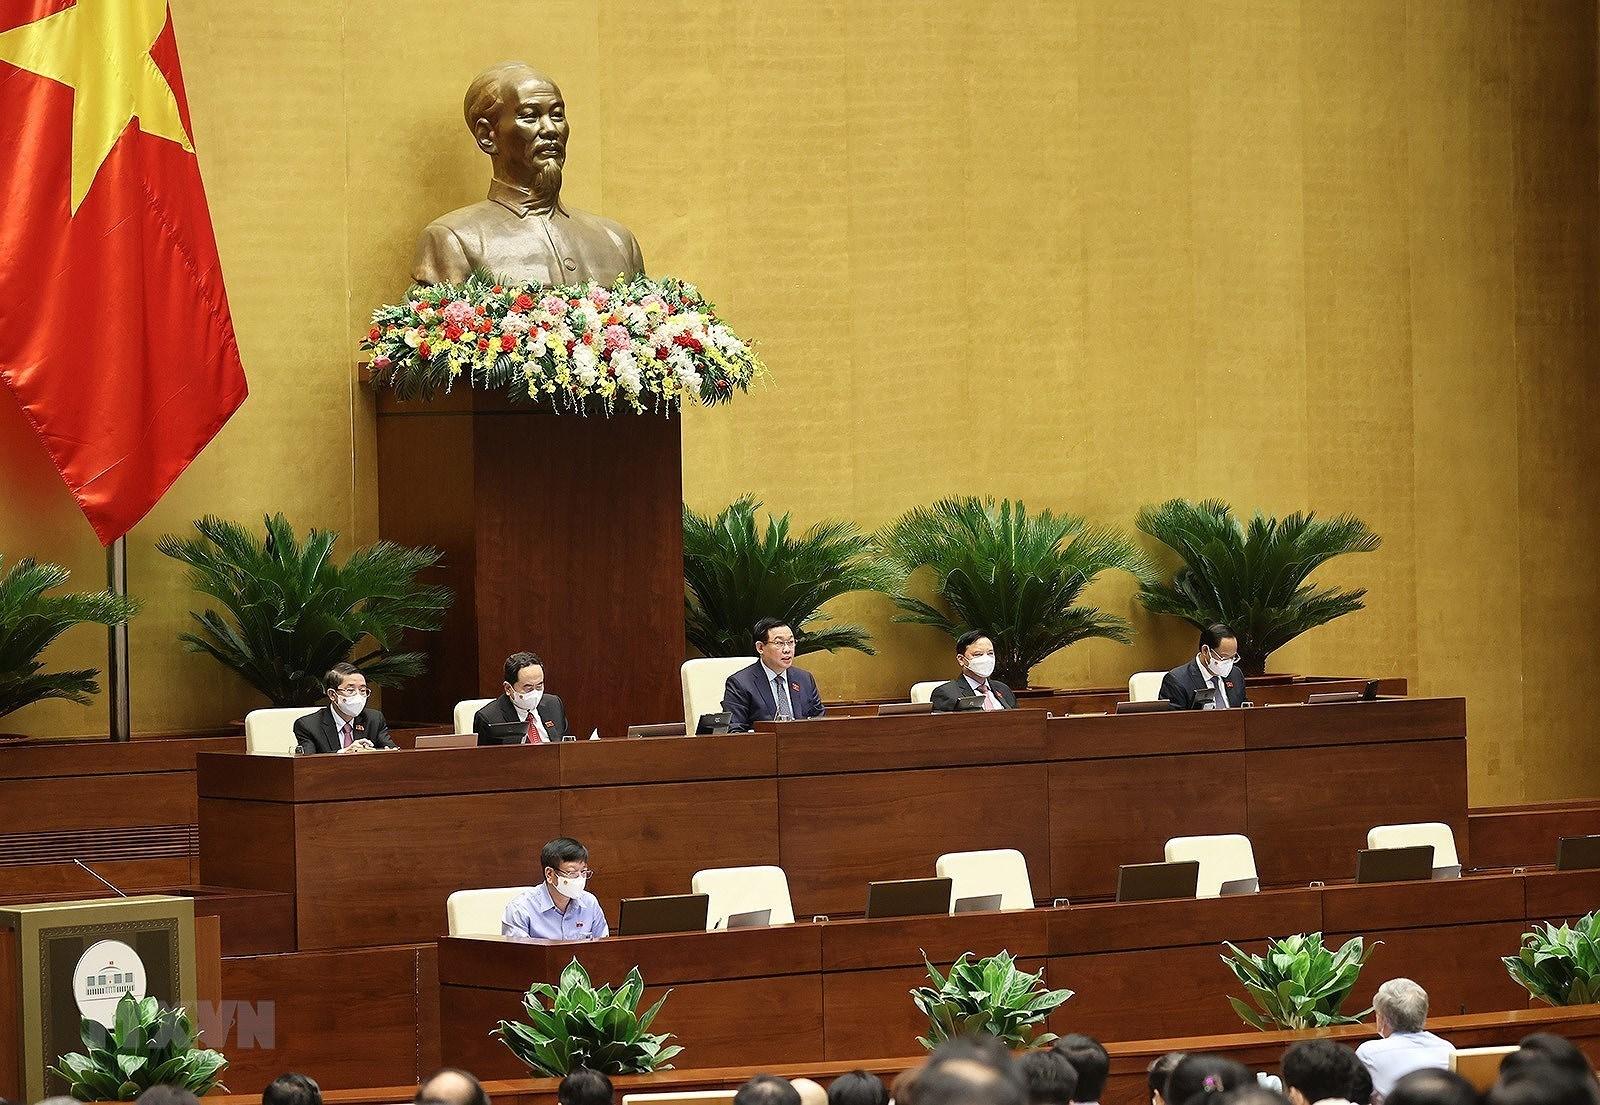 QH thong qua Nghi quyet ve co cau to chuc Chinh phu nhiem ky 2021-2026 hinh anh 1